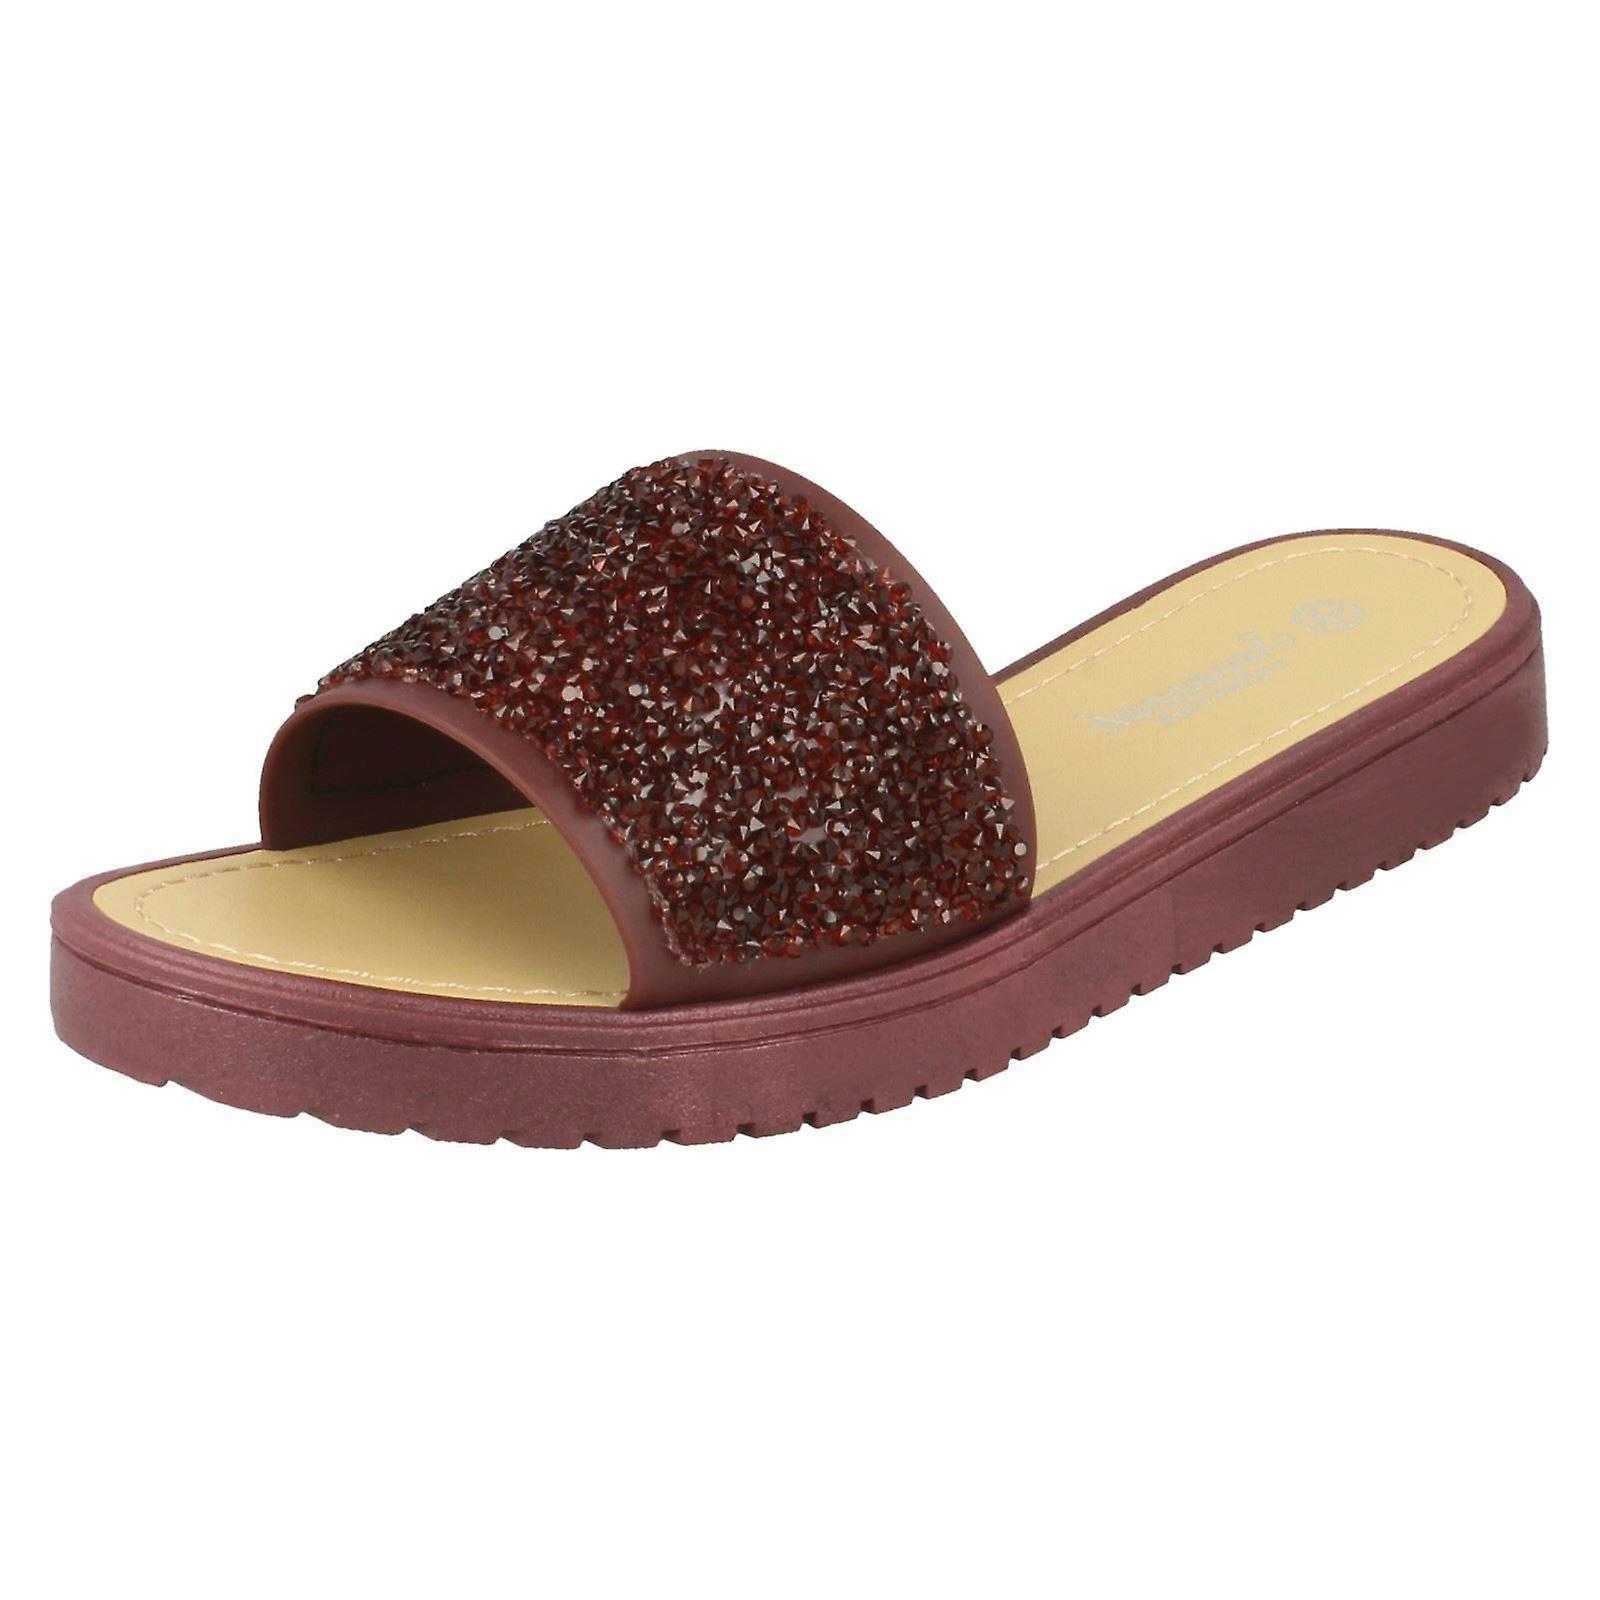 Sandały damskie Open Toe Glitter przednie S0Quz